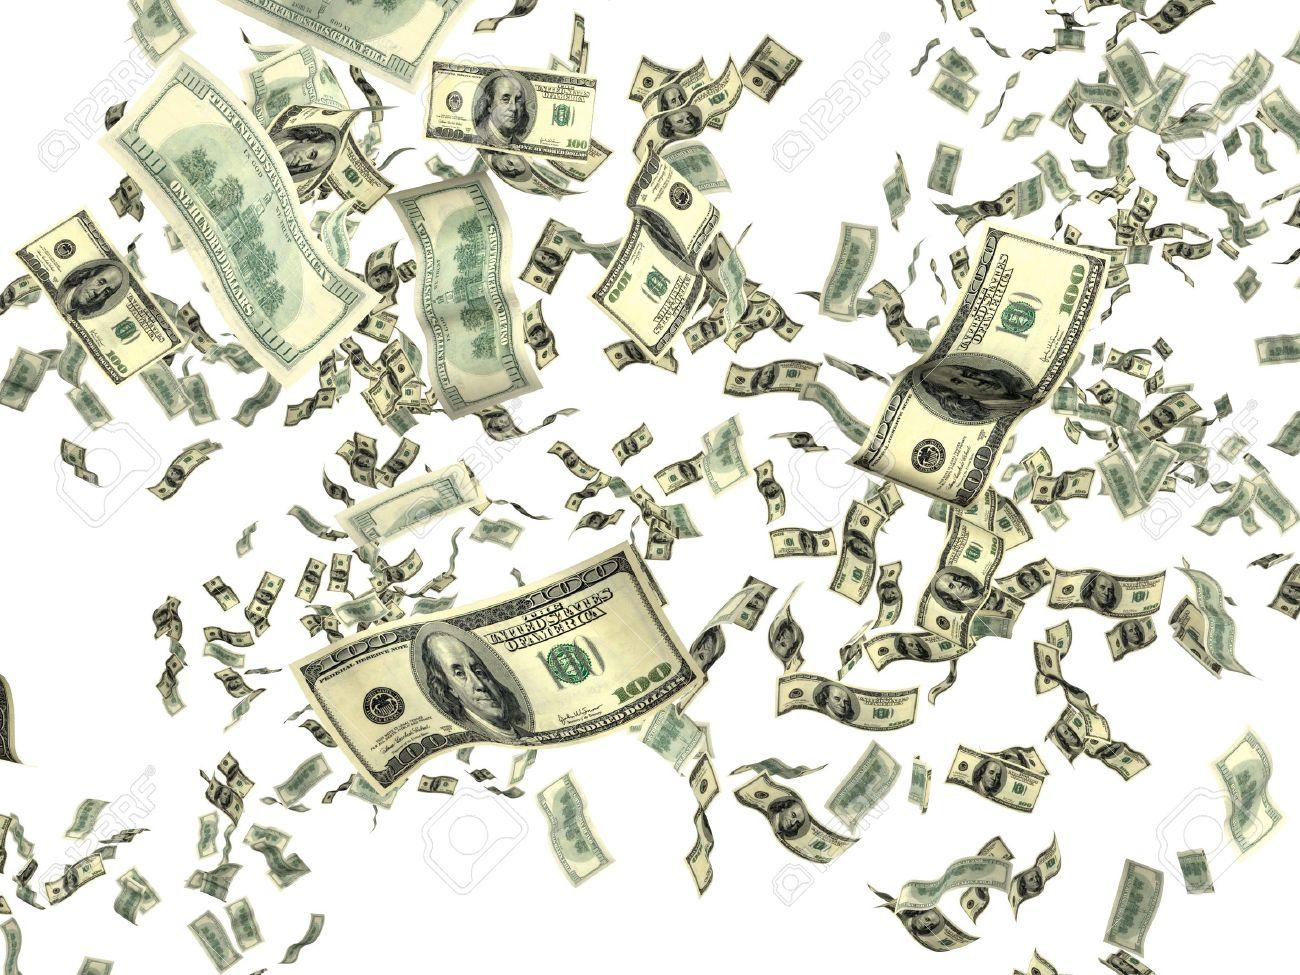 5910530-Money-on-white-background-Stock-Photo-money-falling-flying